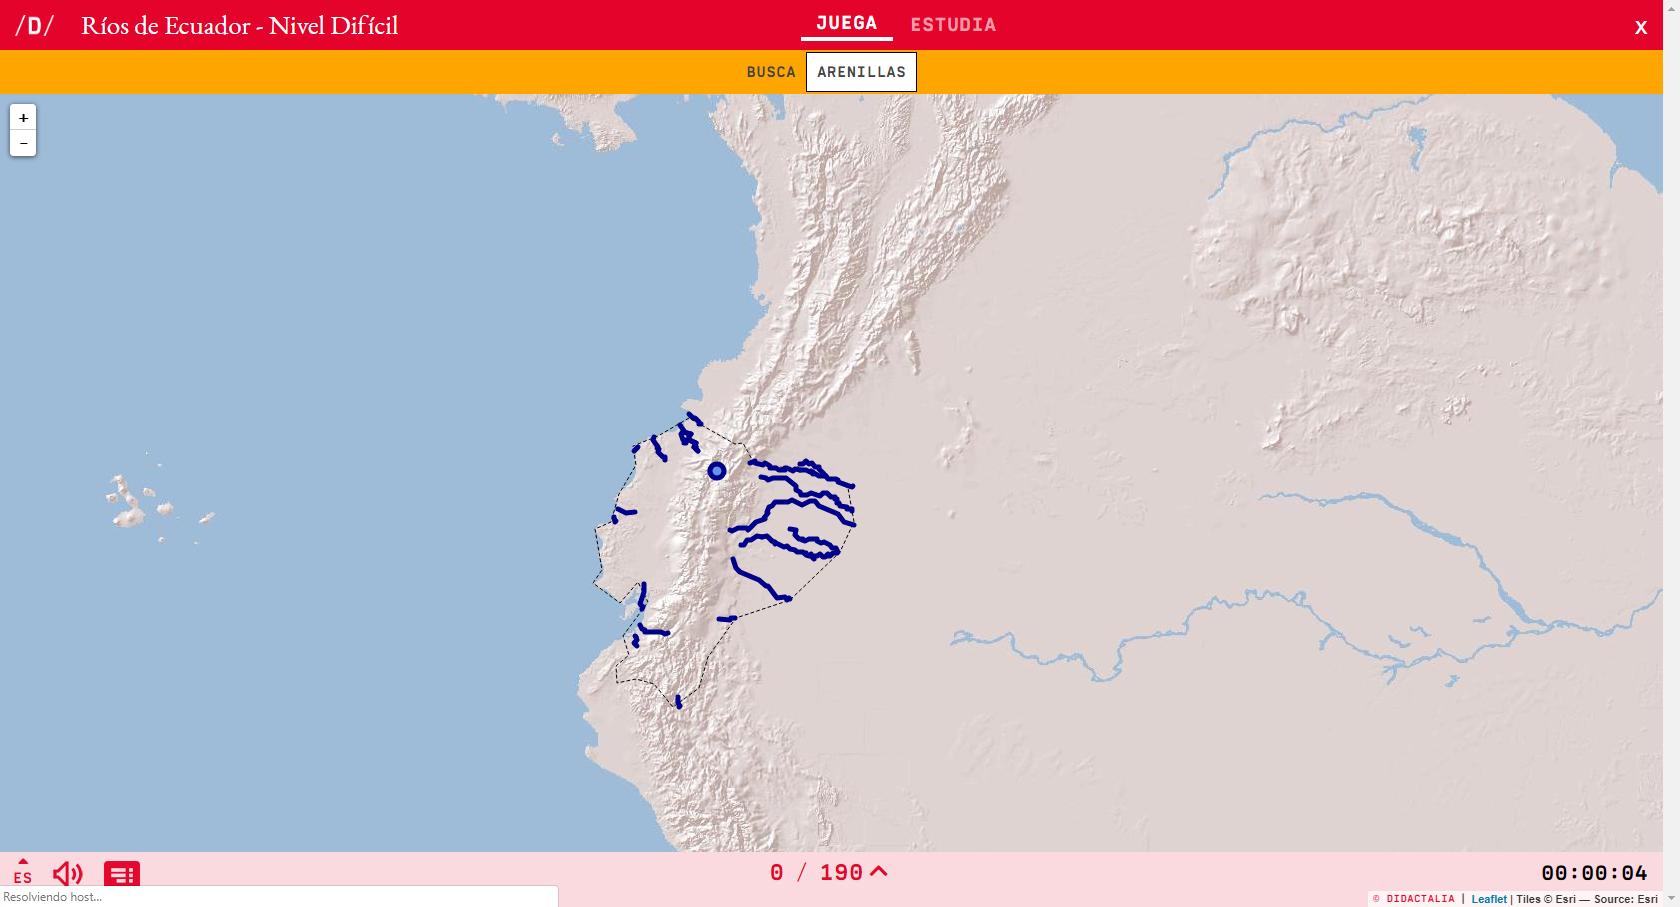 Fiumi dell'Ecuador - Livello difficile